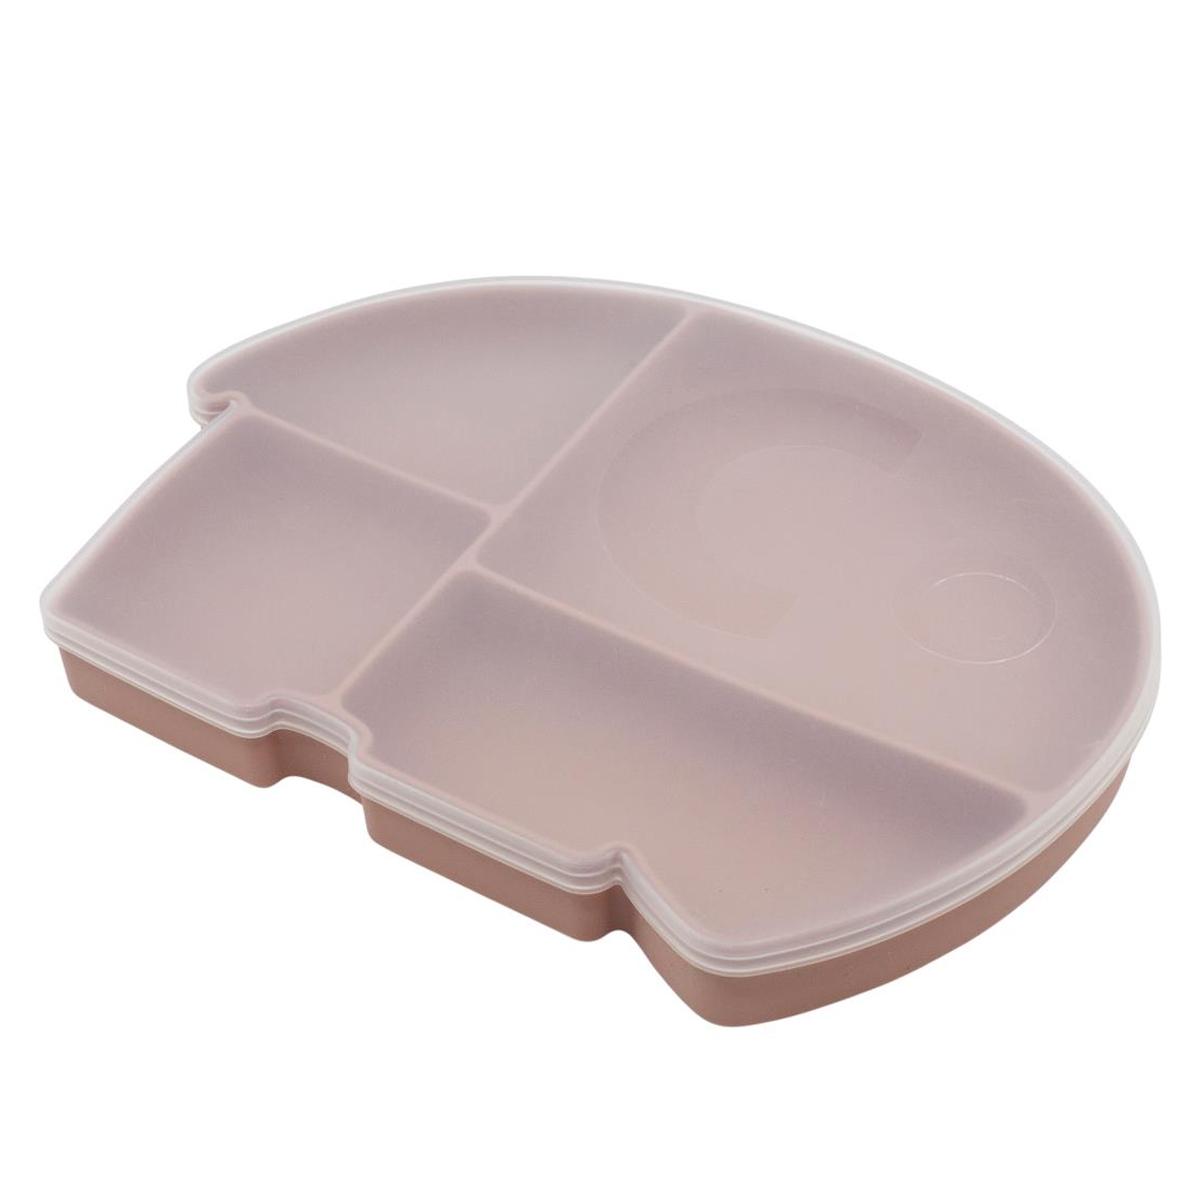 Vaisselle & Couvert Assiette en Silicone avec Couvercle - Rose